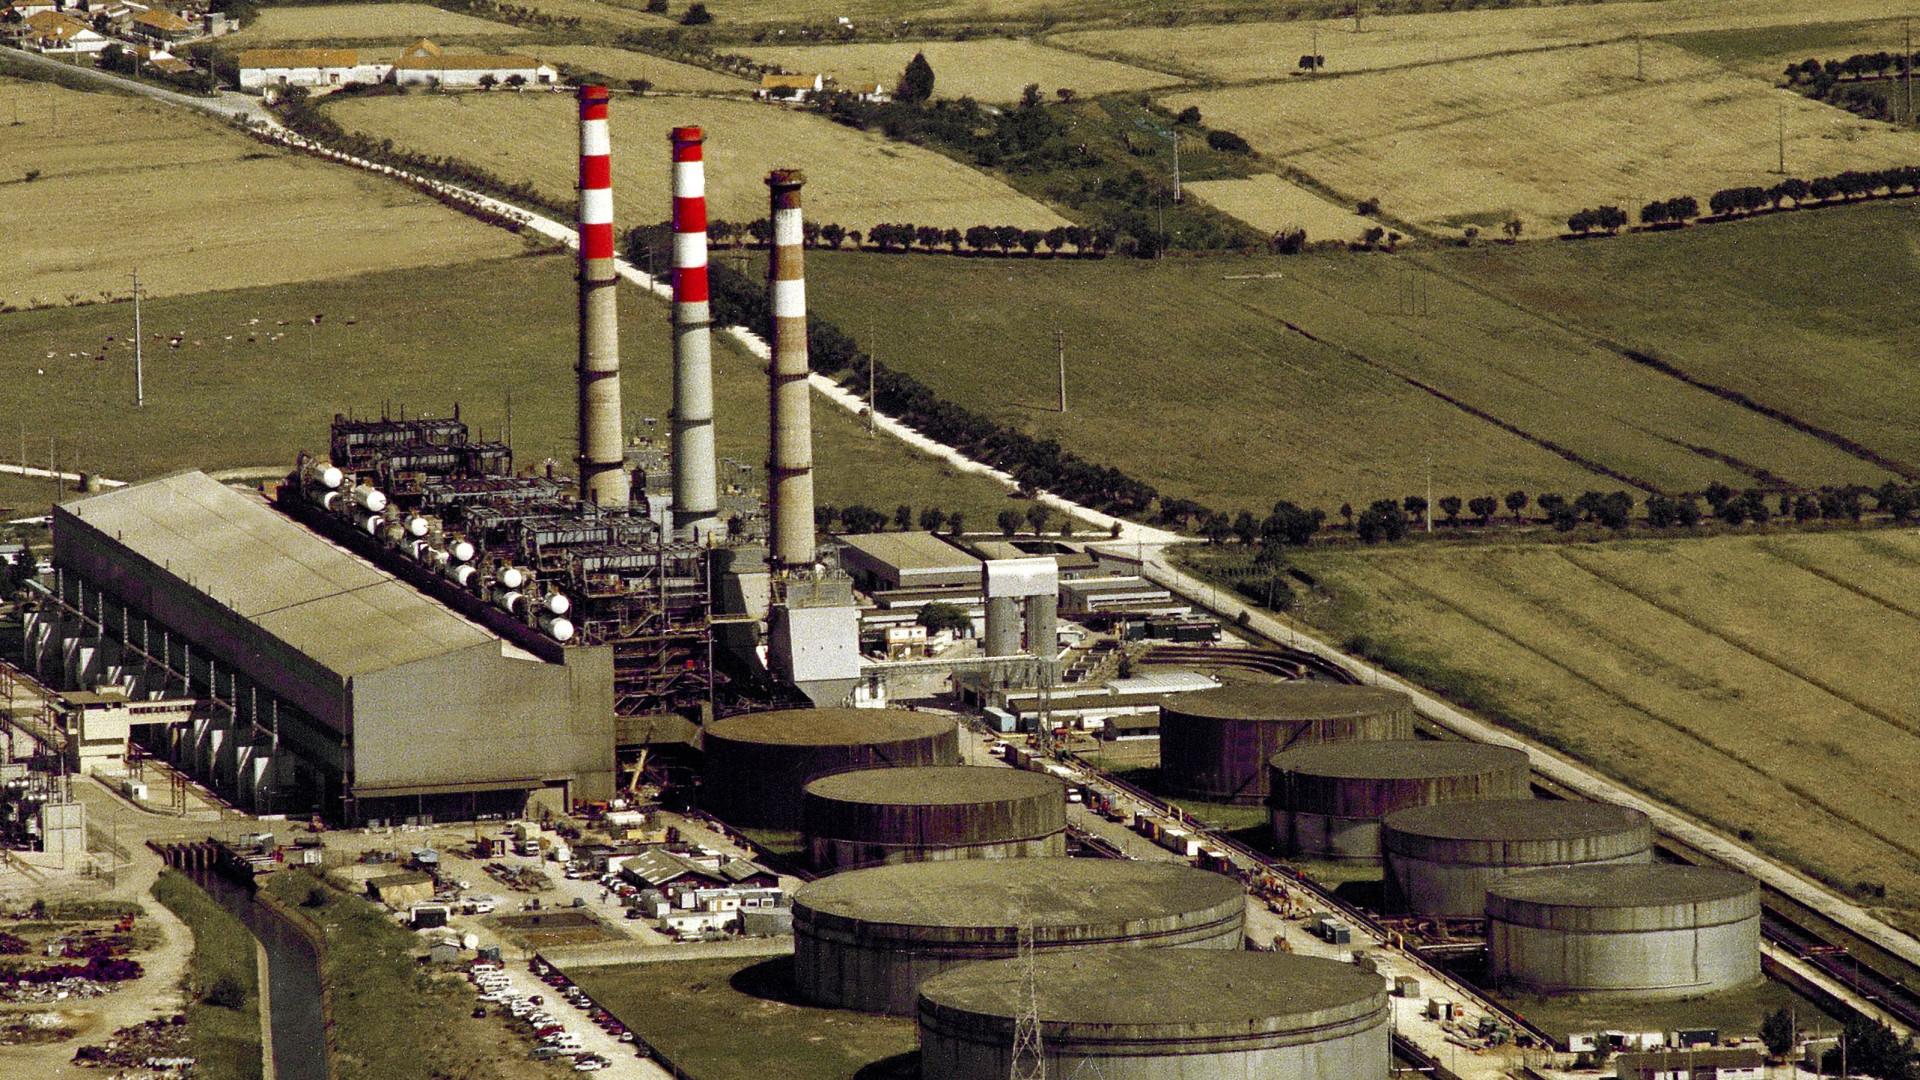 Emissões de centrais a carvão devem cair mais rápido, diz estudo